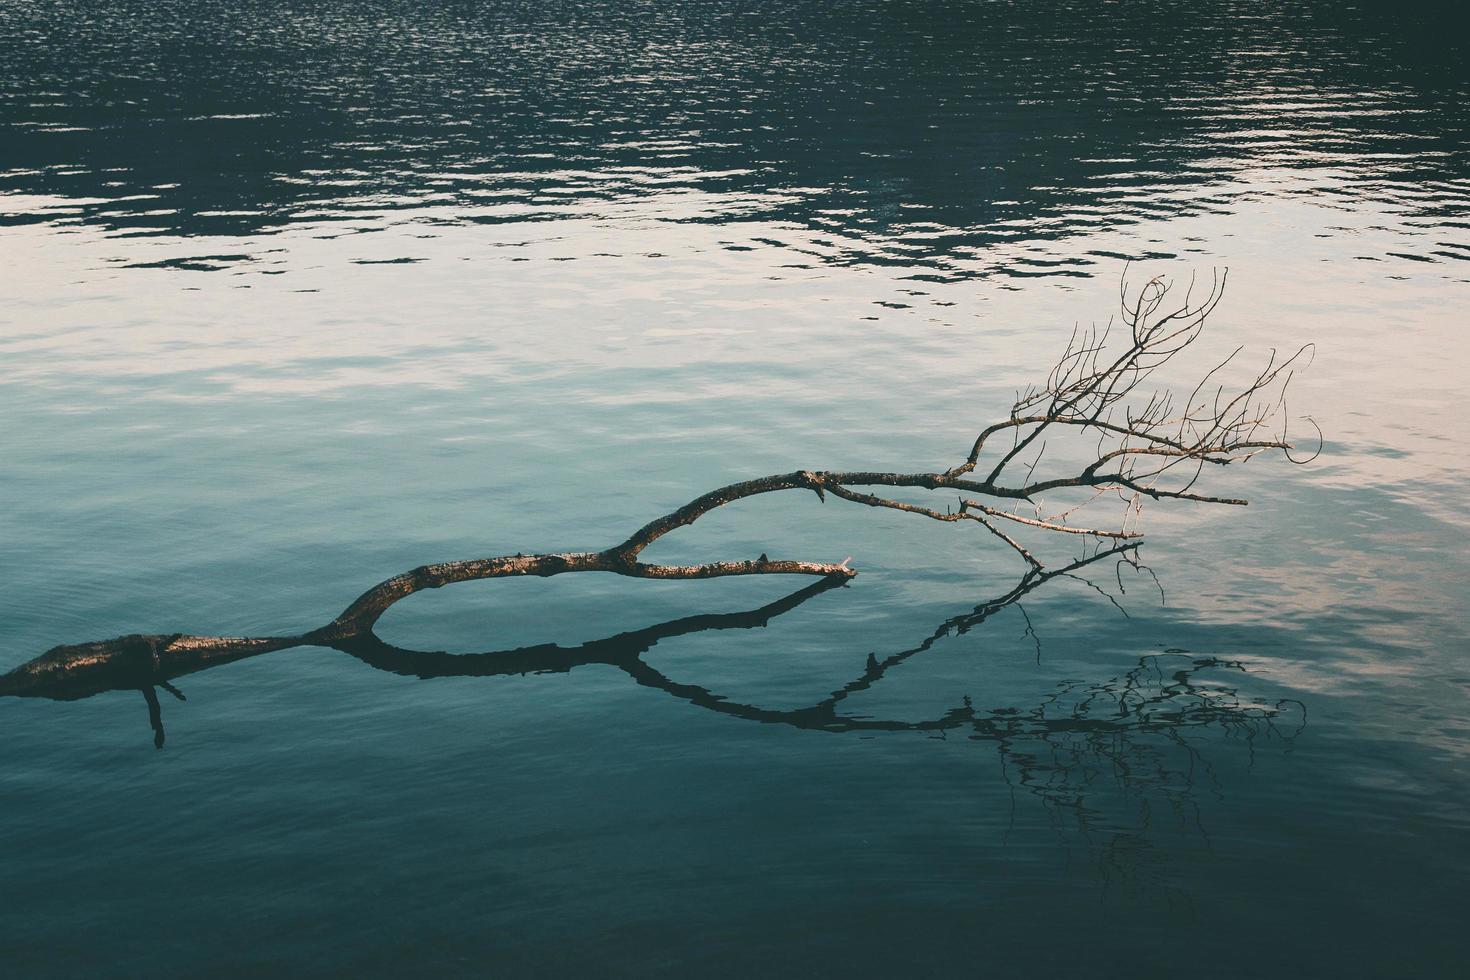 kale boomtak op waterlichaam foto